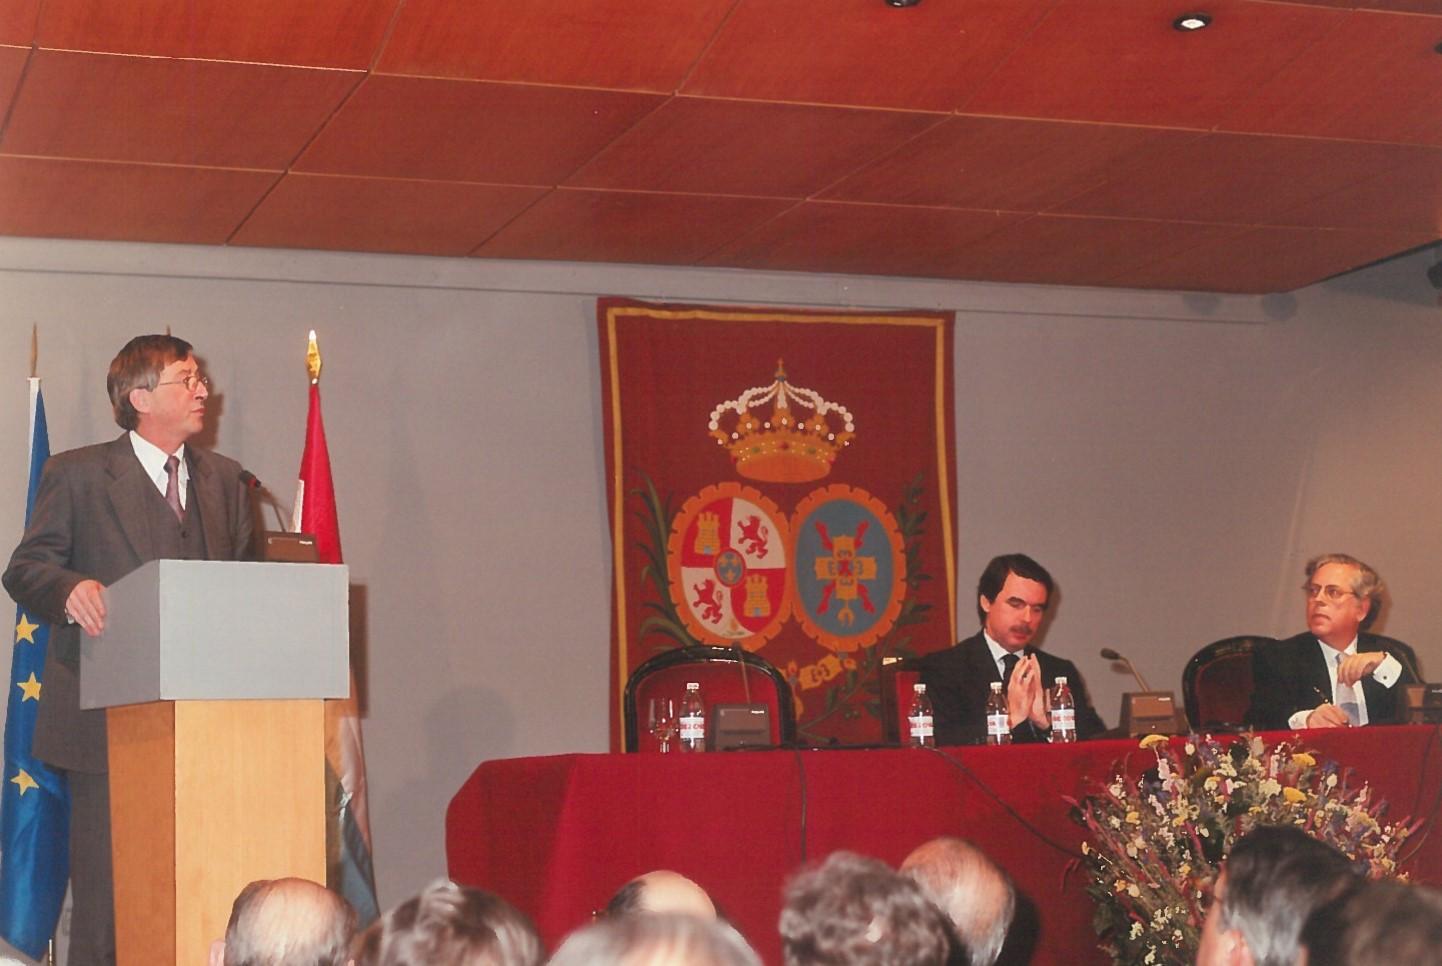 XI Carlos de Amberes Commemorative Lecture